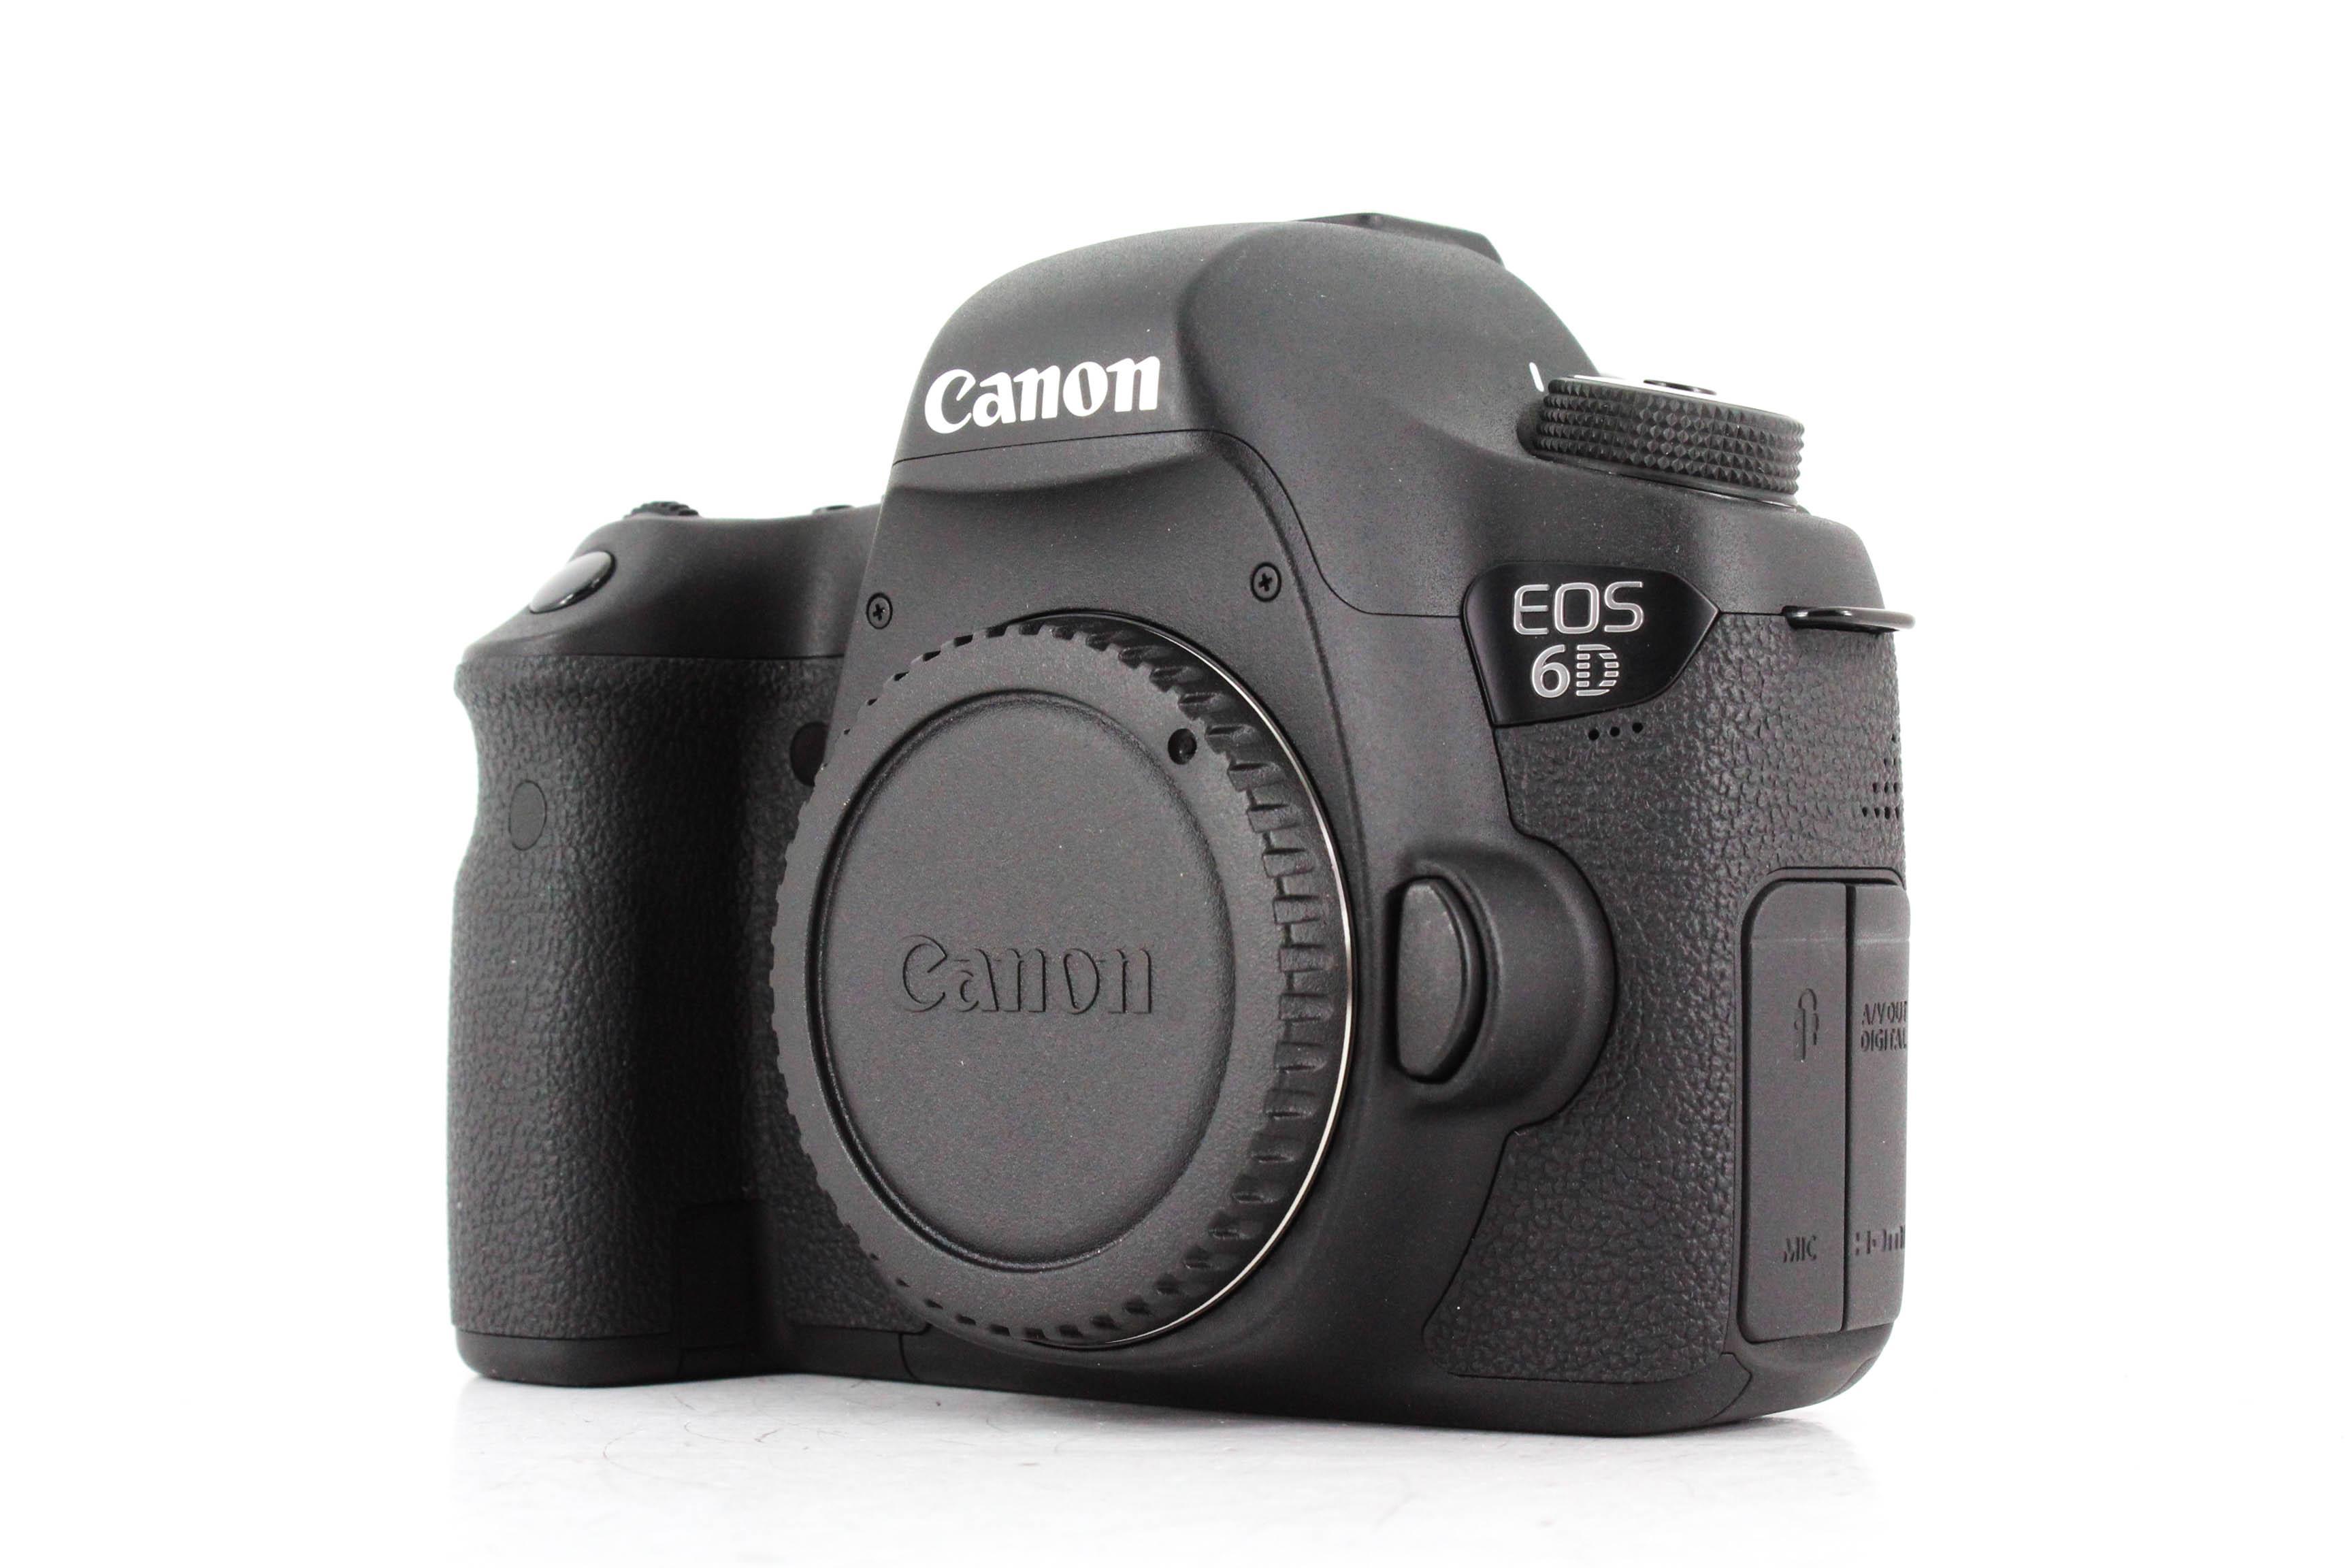 canon eos 6d image